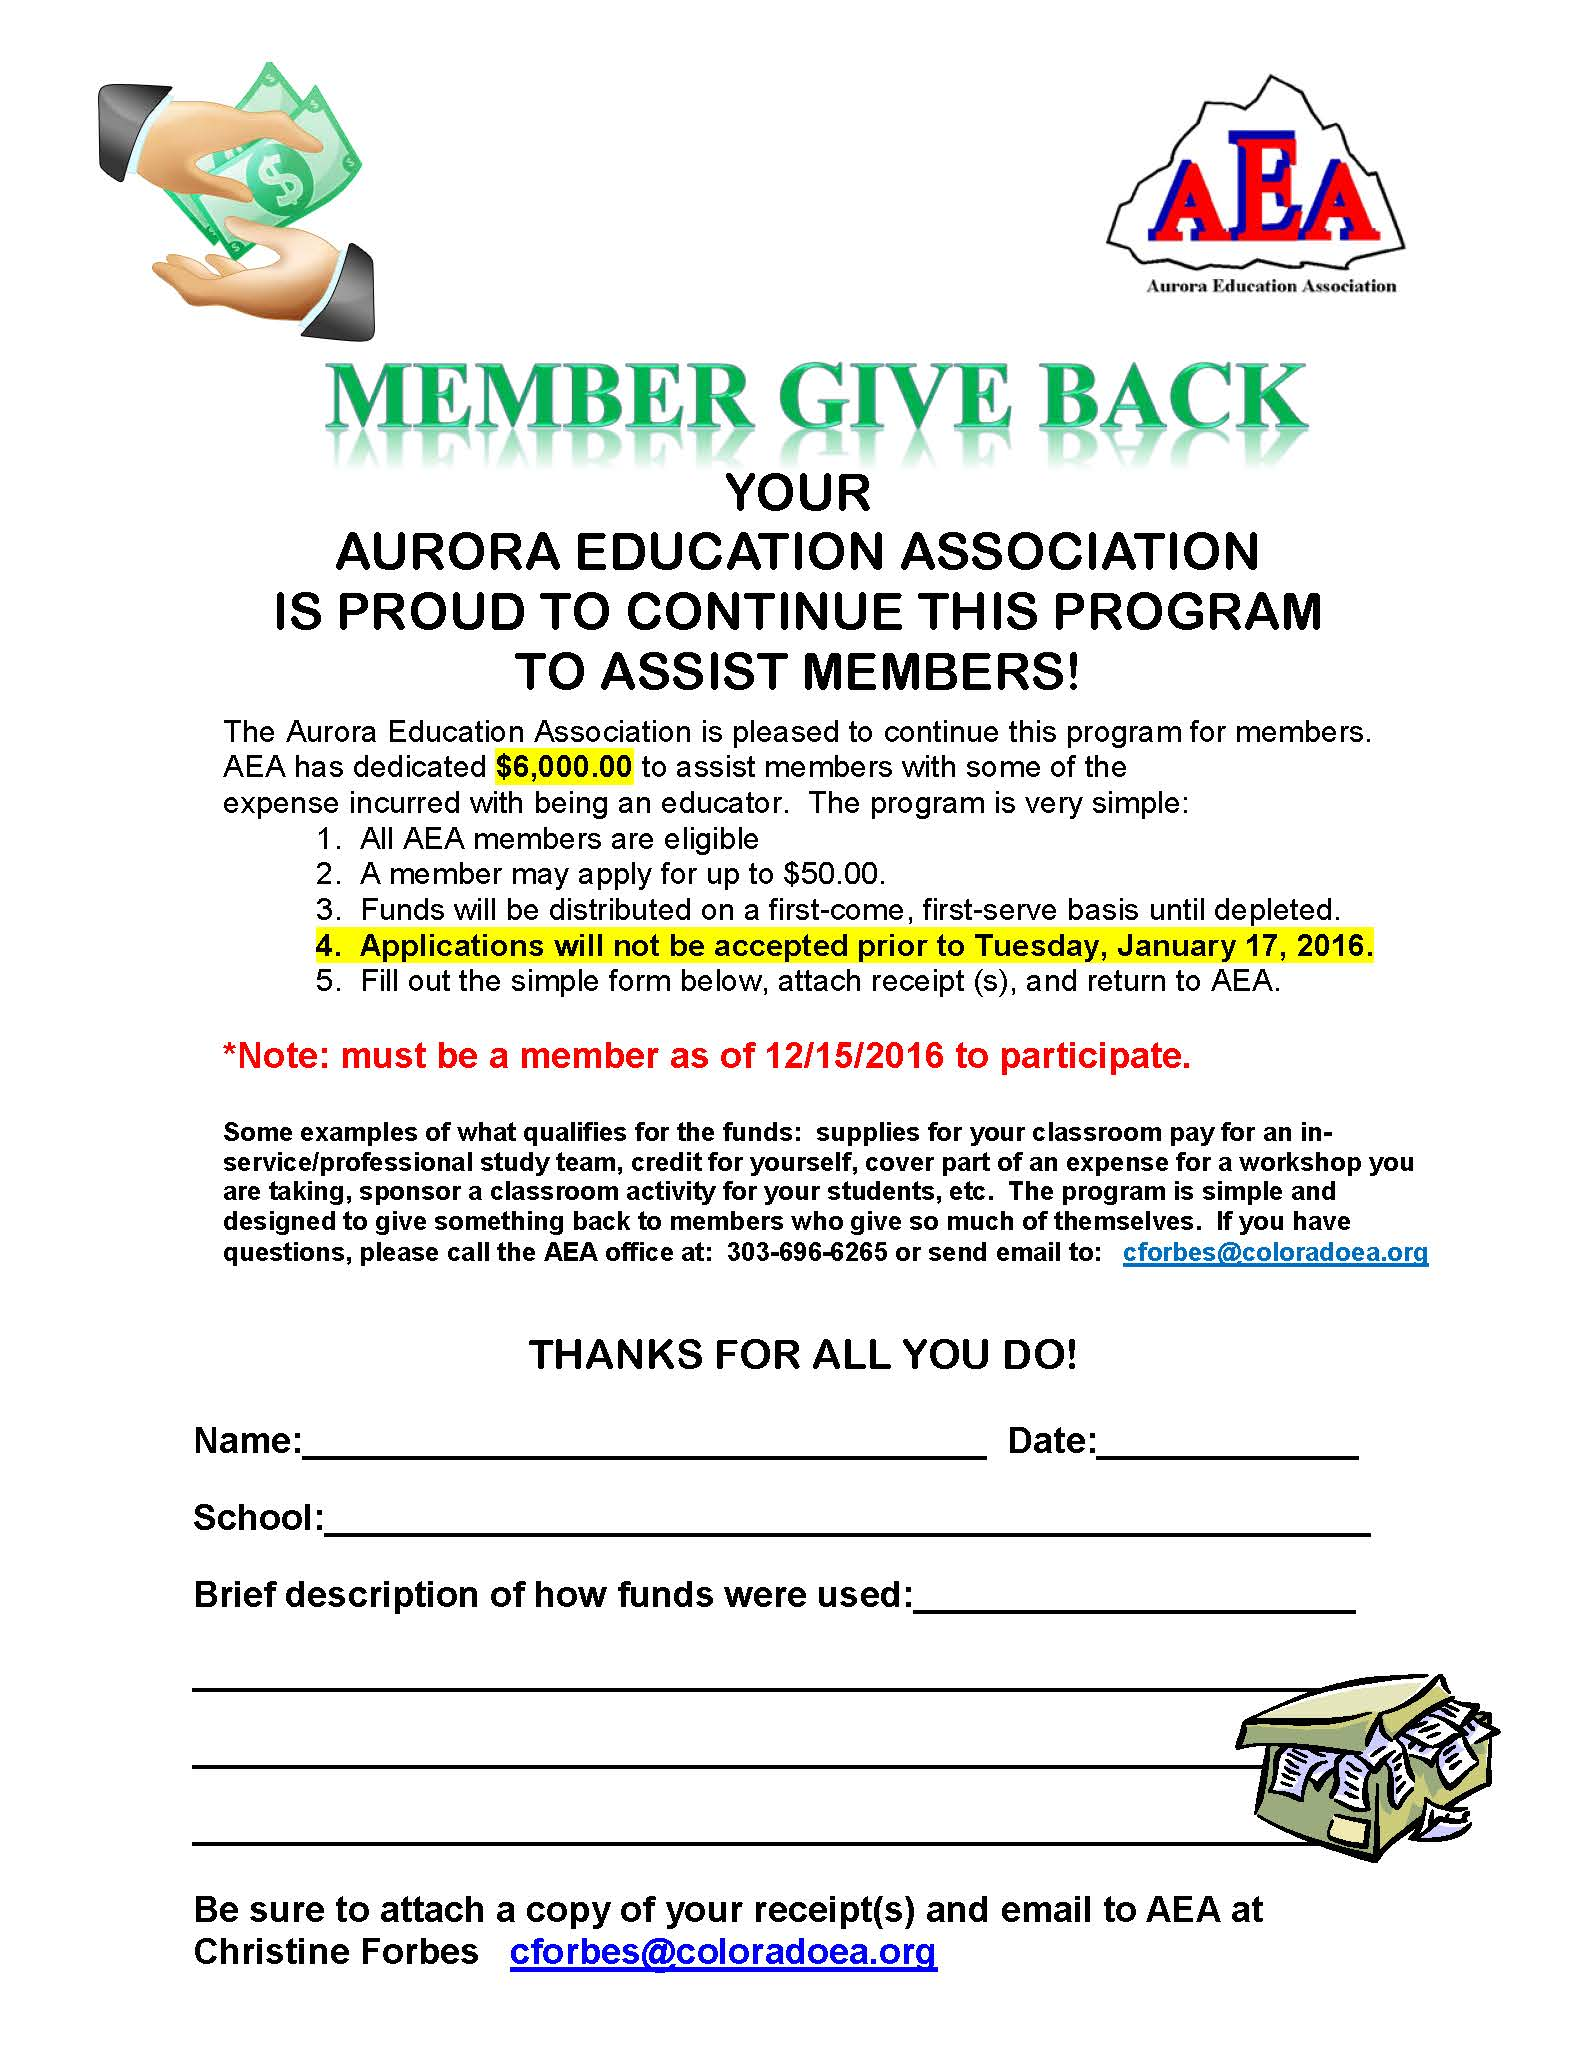 Member Give Back